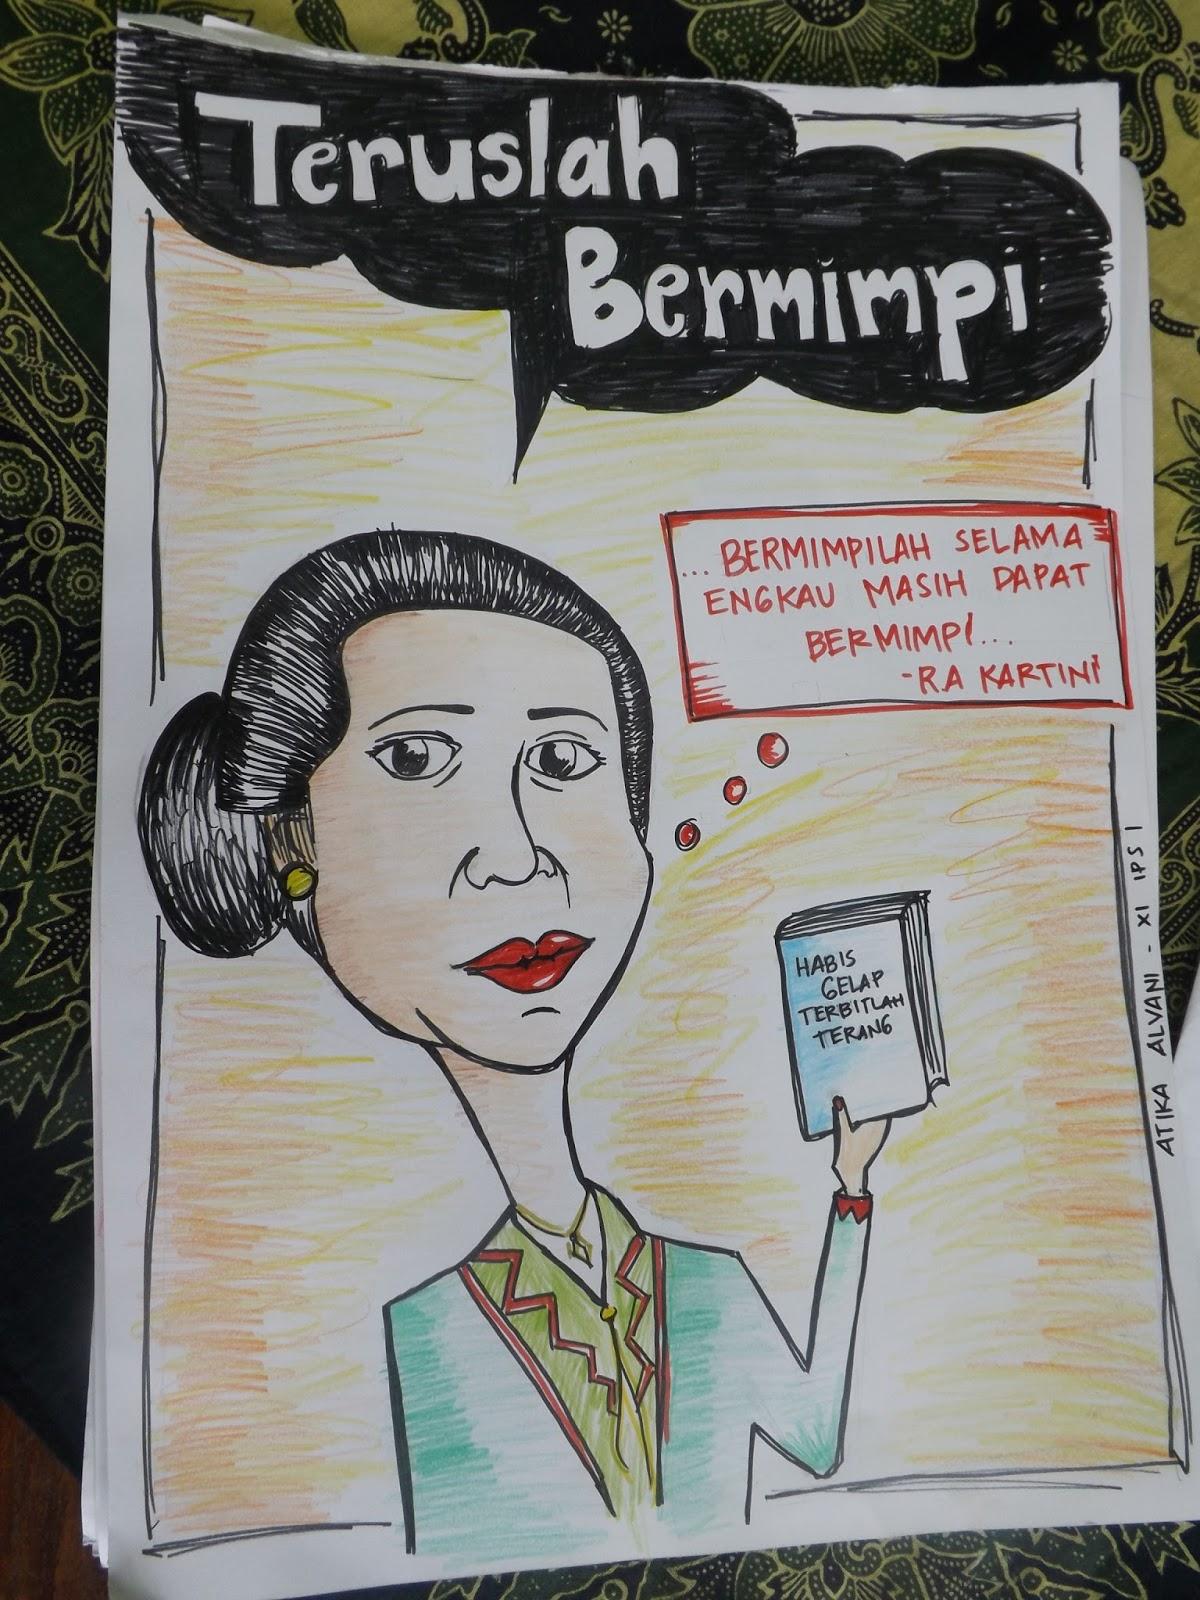 76 Gambar Karikatur Ra Kartini   Karitur